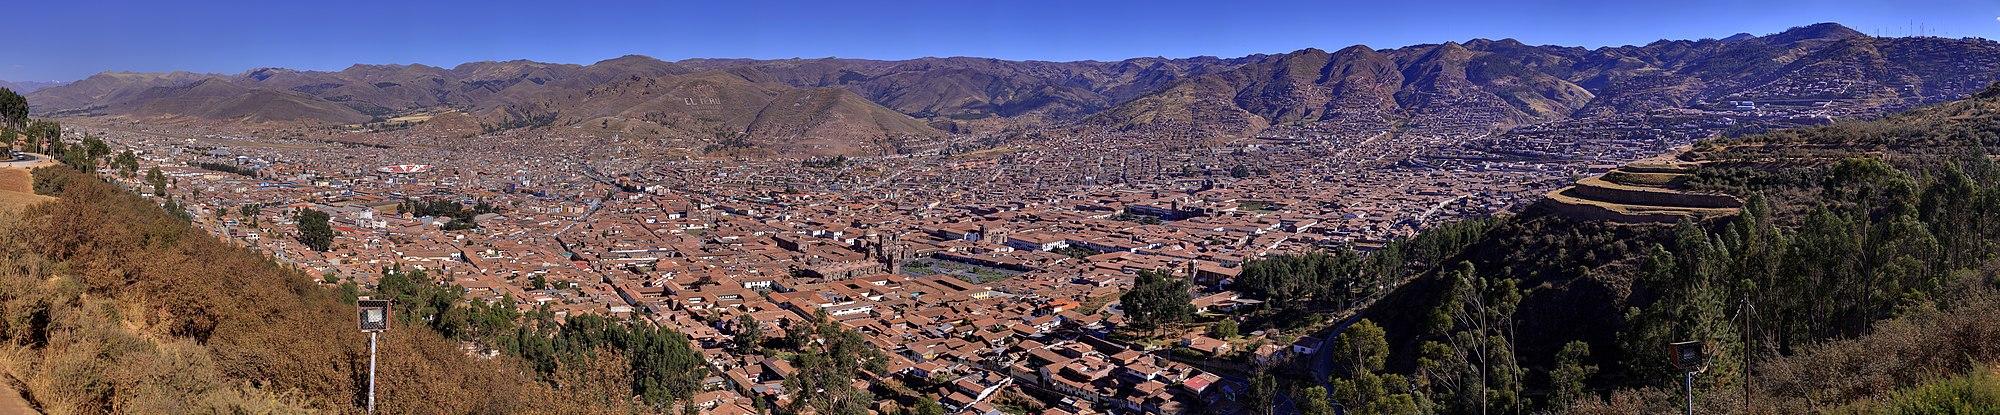 113 - Cuzco - Juillet 2009.1.jpg